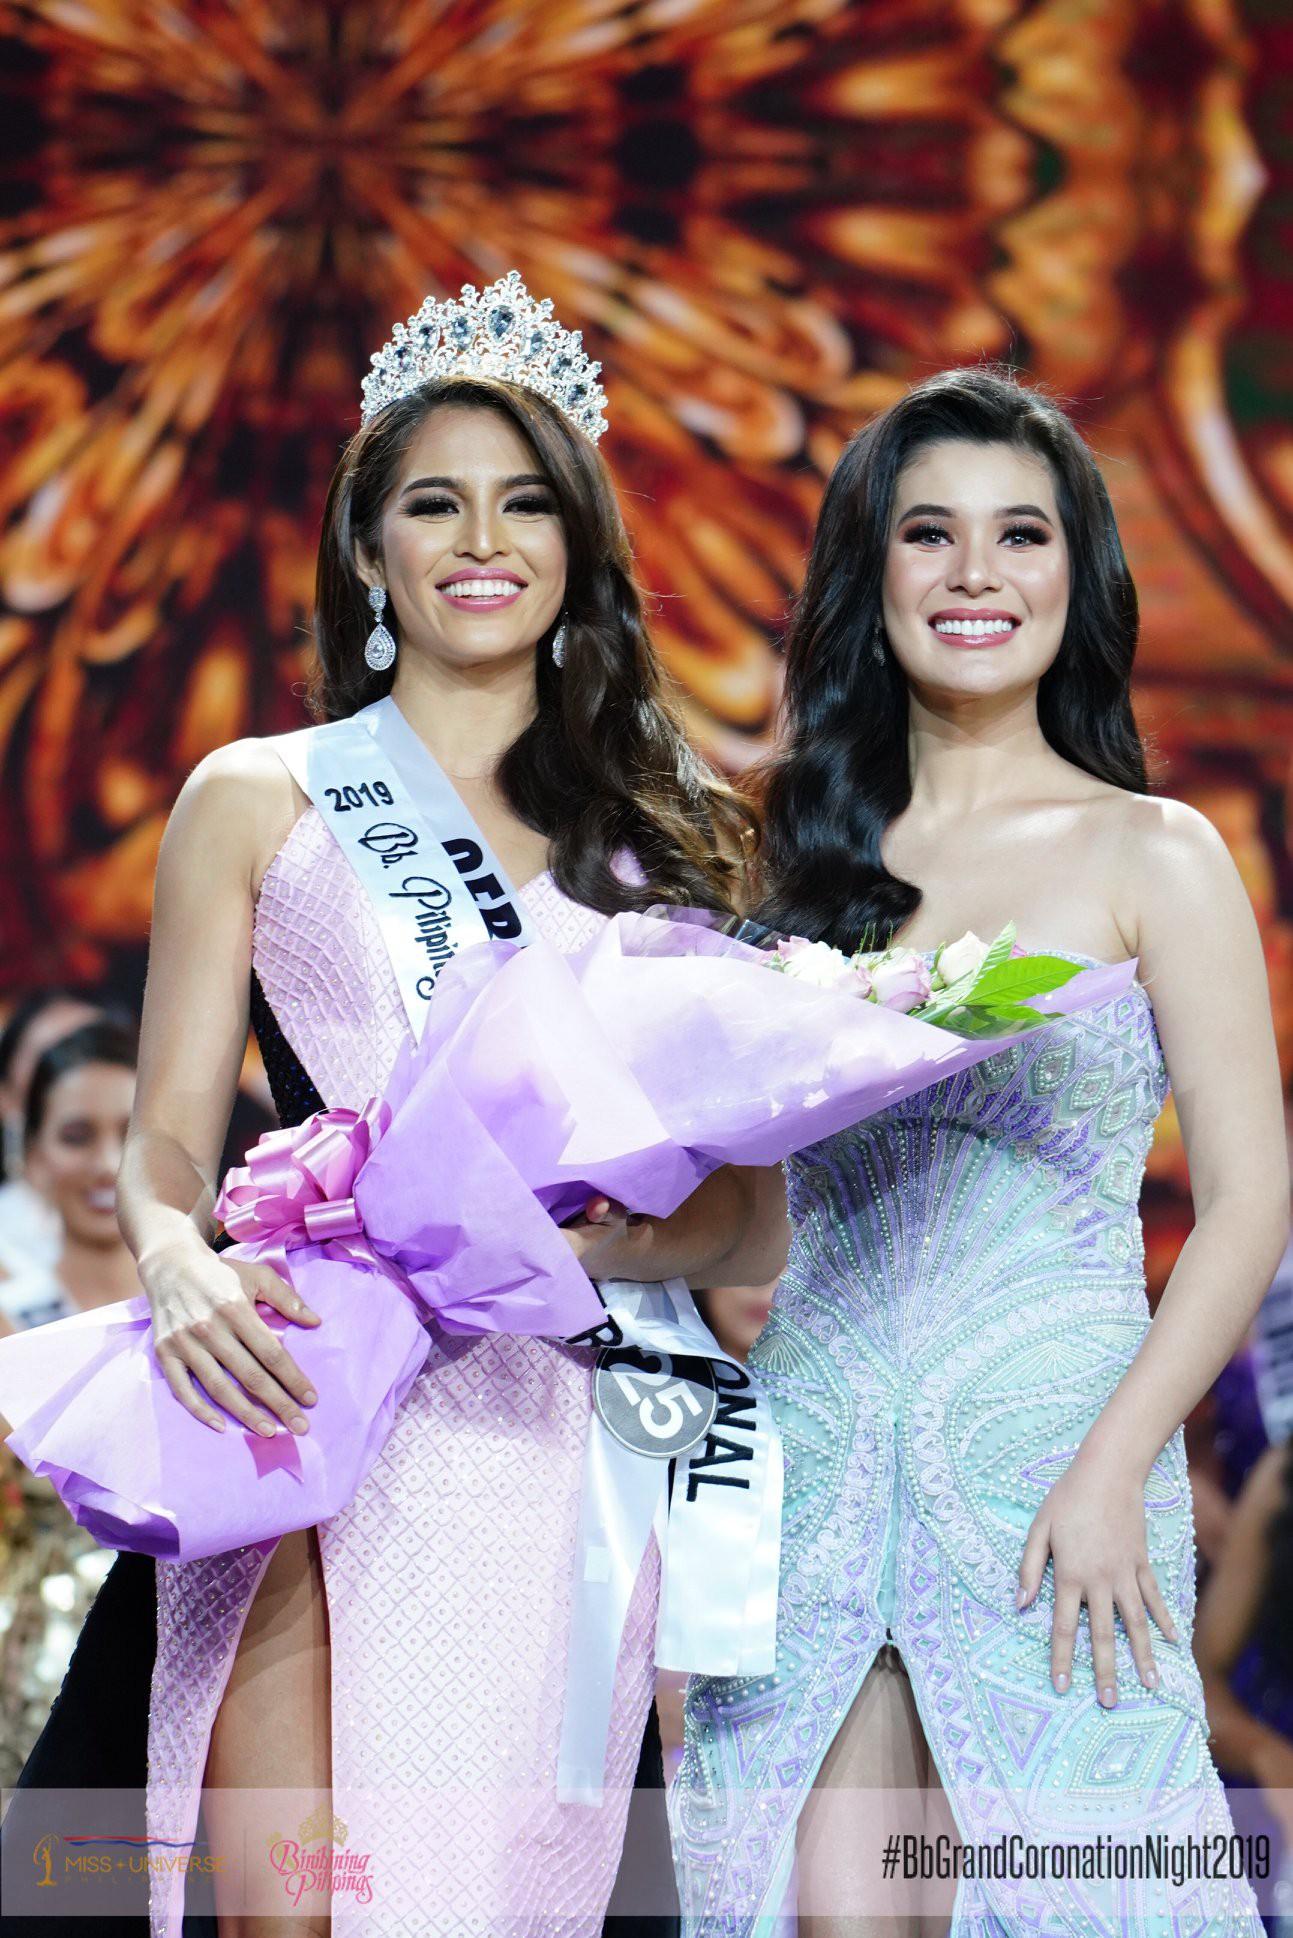 Hoa hậu Hoàn vũ Philippines 2019 lộ diện, được dự đoán tiếp tục gây sốt tại Miss Universe  - Ảnh 5.